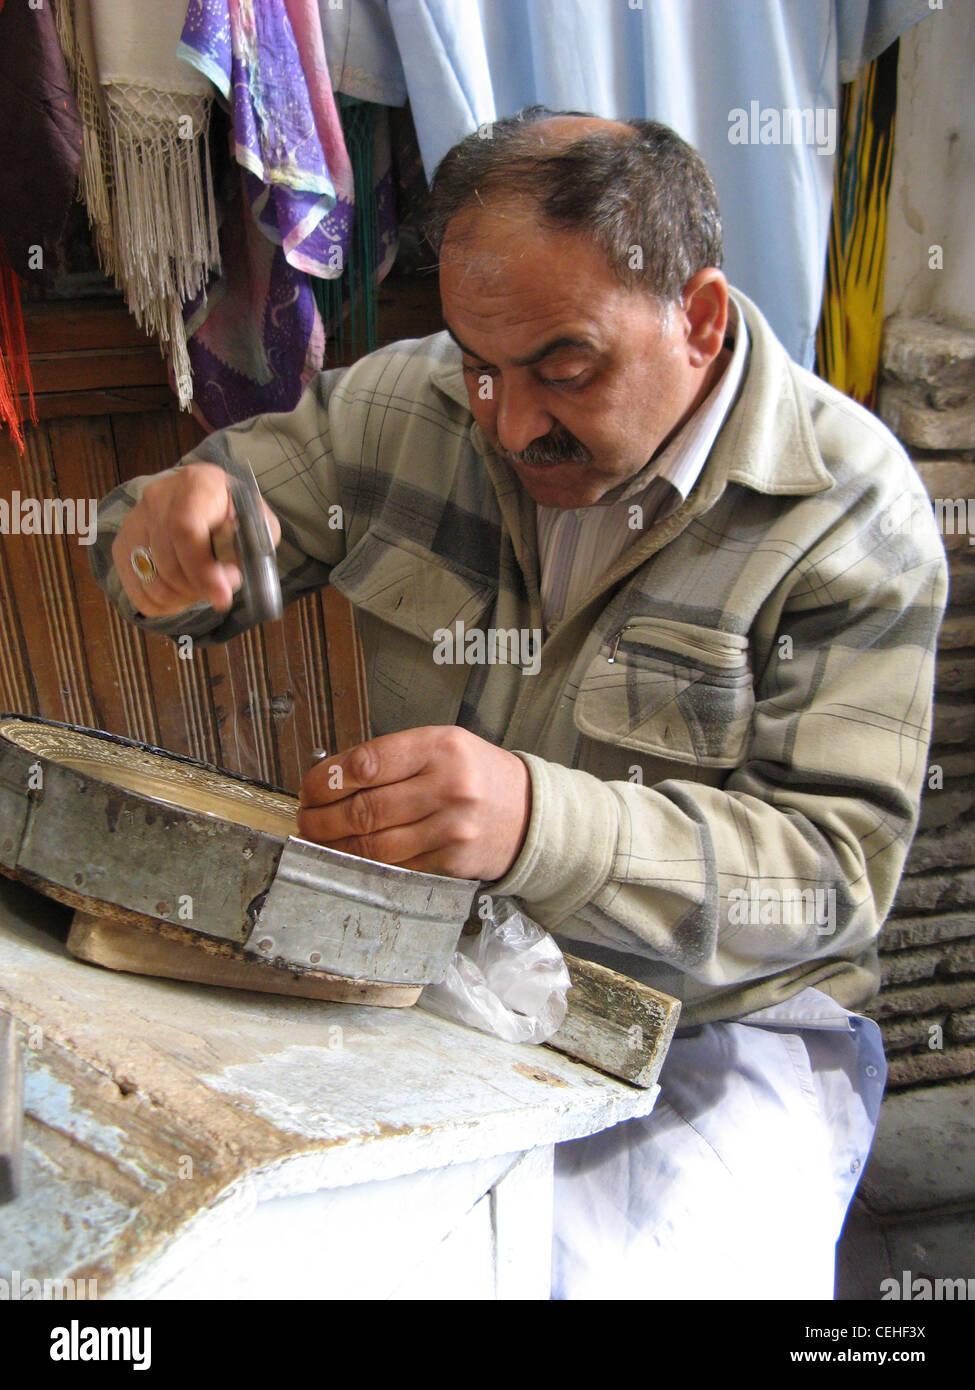 Uomo tradizionale in Uzbekistan rendendo un ornamento. Immagini Stock